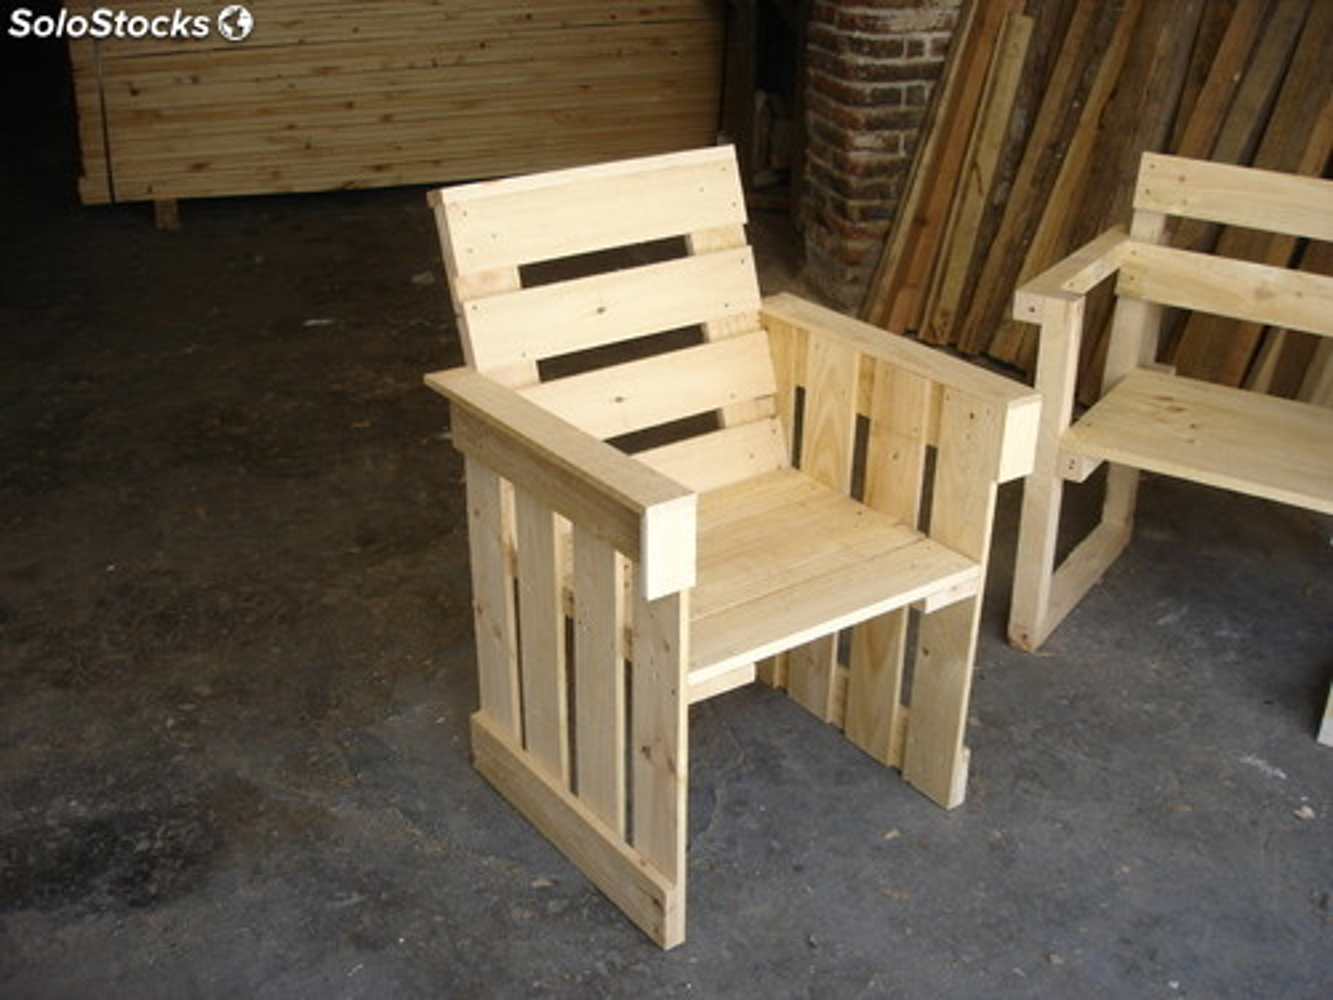 Sillas sillones hechos con cajas de madera fruta y embalaje